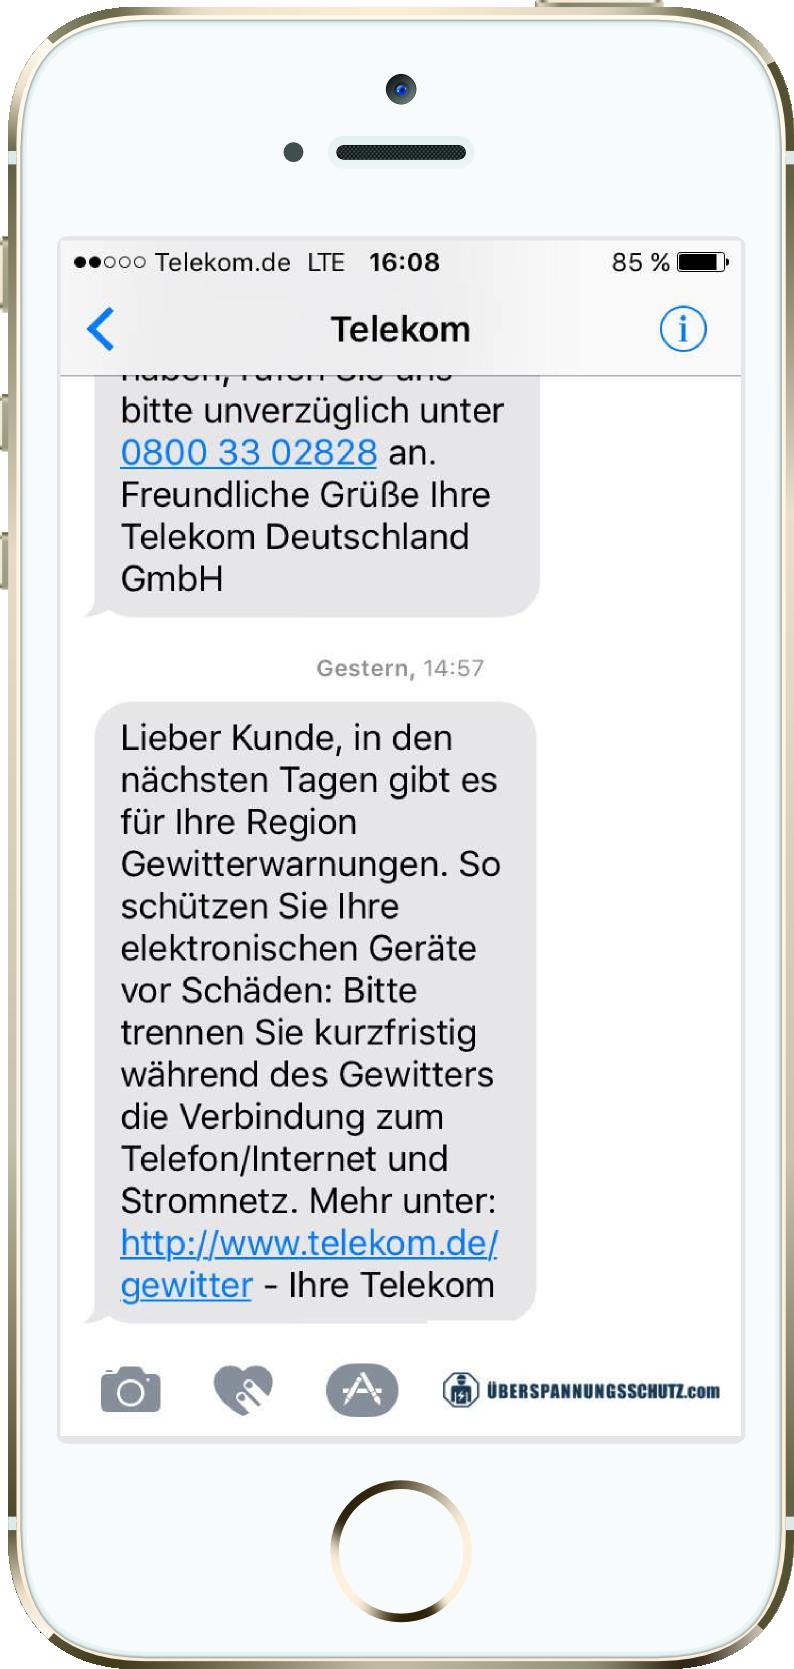 Telekom Wirbt Für Kostenlosen überspannungsschutz